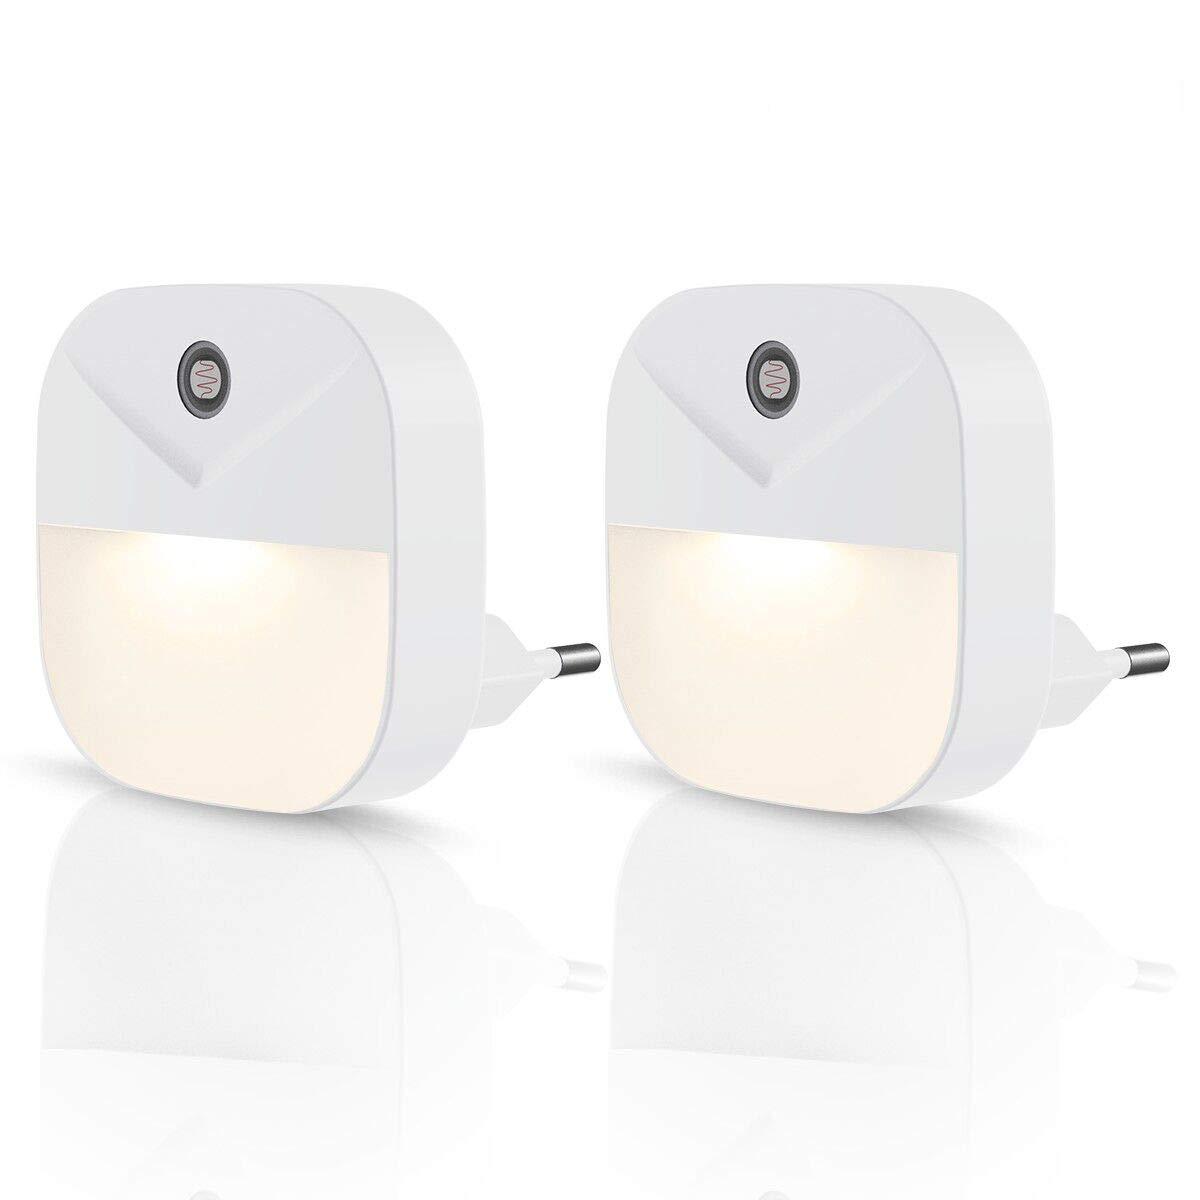 Fluren Energieeffizient Steckdosenlicht Treppen 2 St/ück 2700K Warmwei/ß Lichter LED Nachtlicht mit D/ämmerungssensor Automatik ein//aus f/ür Kinderzimmern DORESshop Plug-In Lichtsensor Lampen